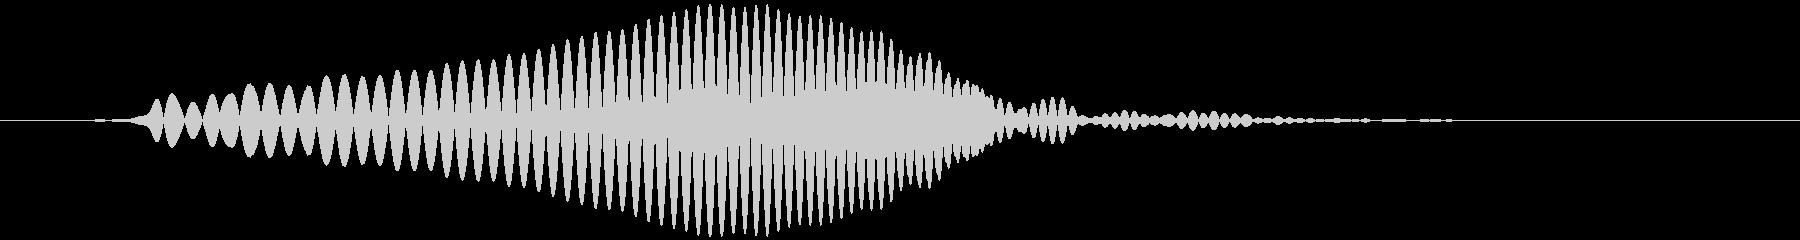 水中で浮く、泳ぐ (ポワ)の未再生の波形